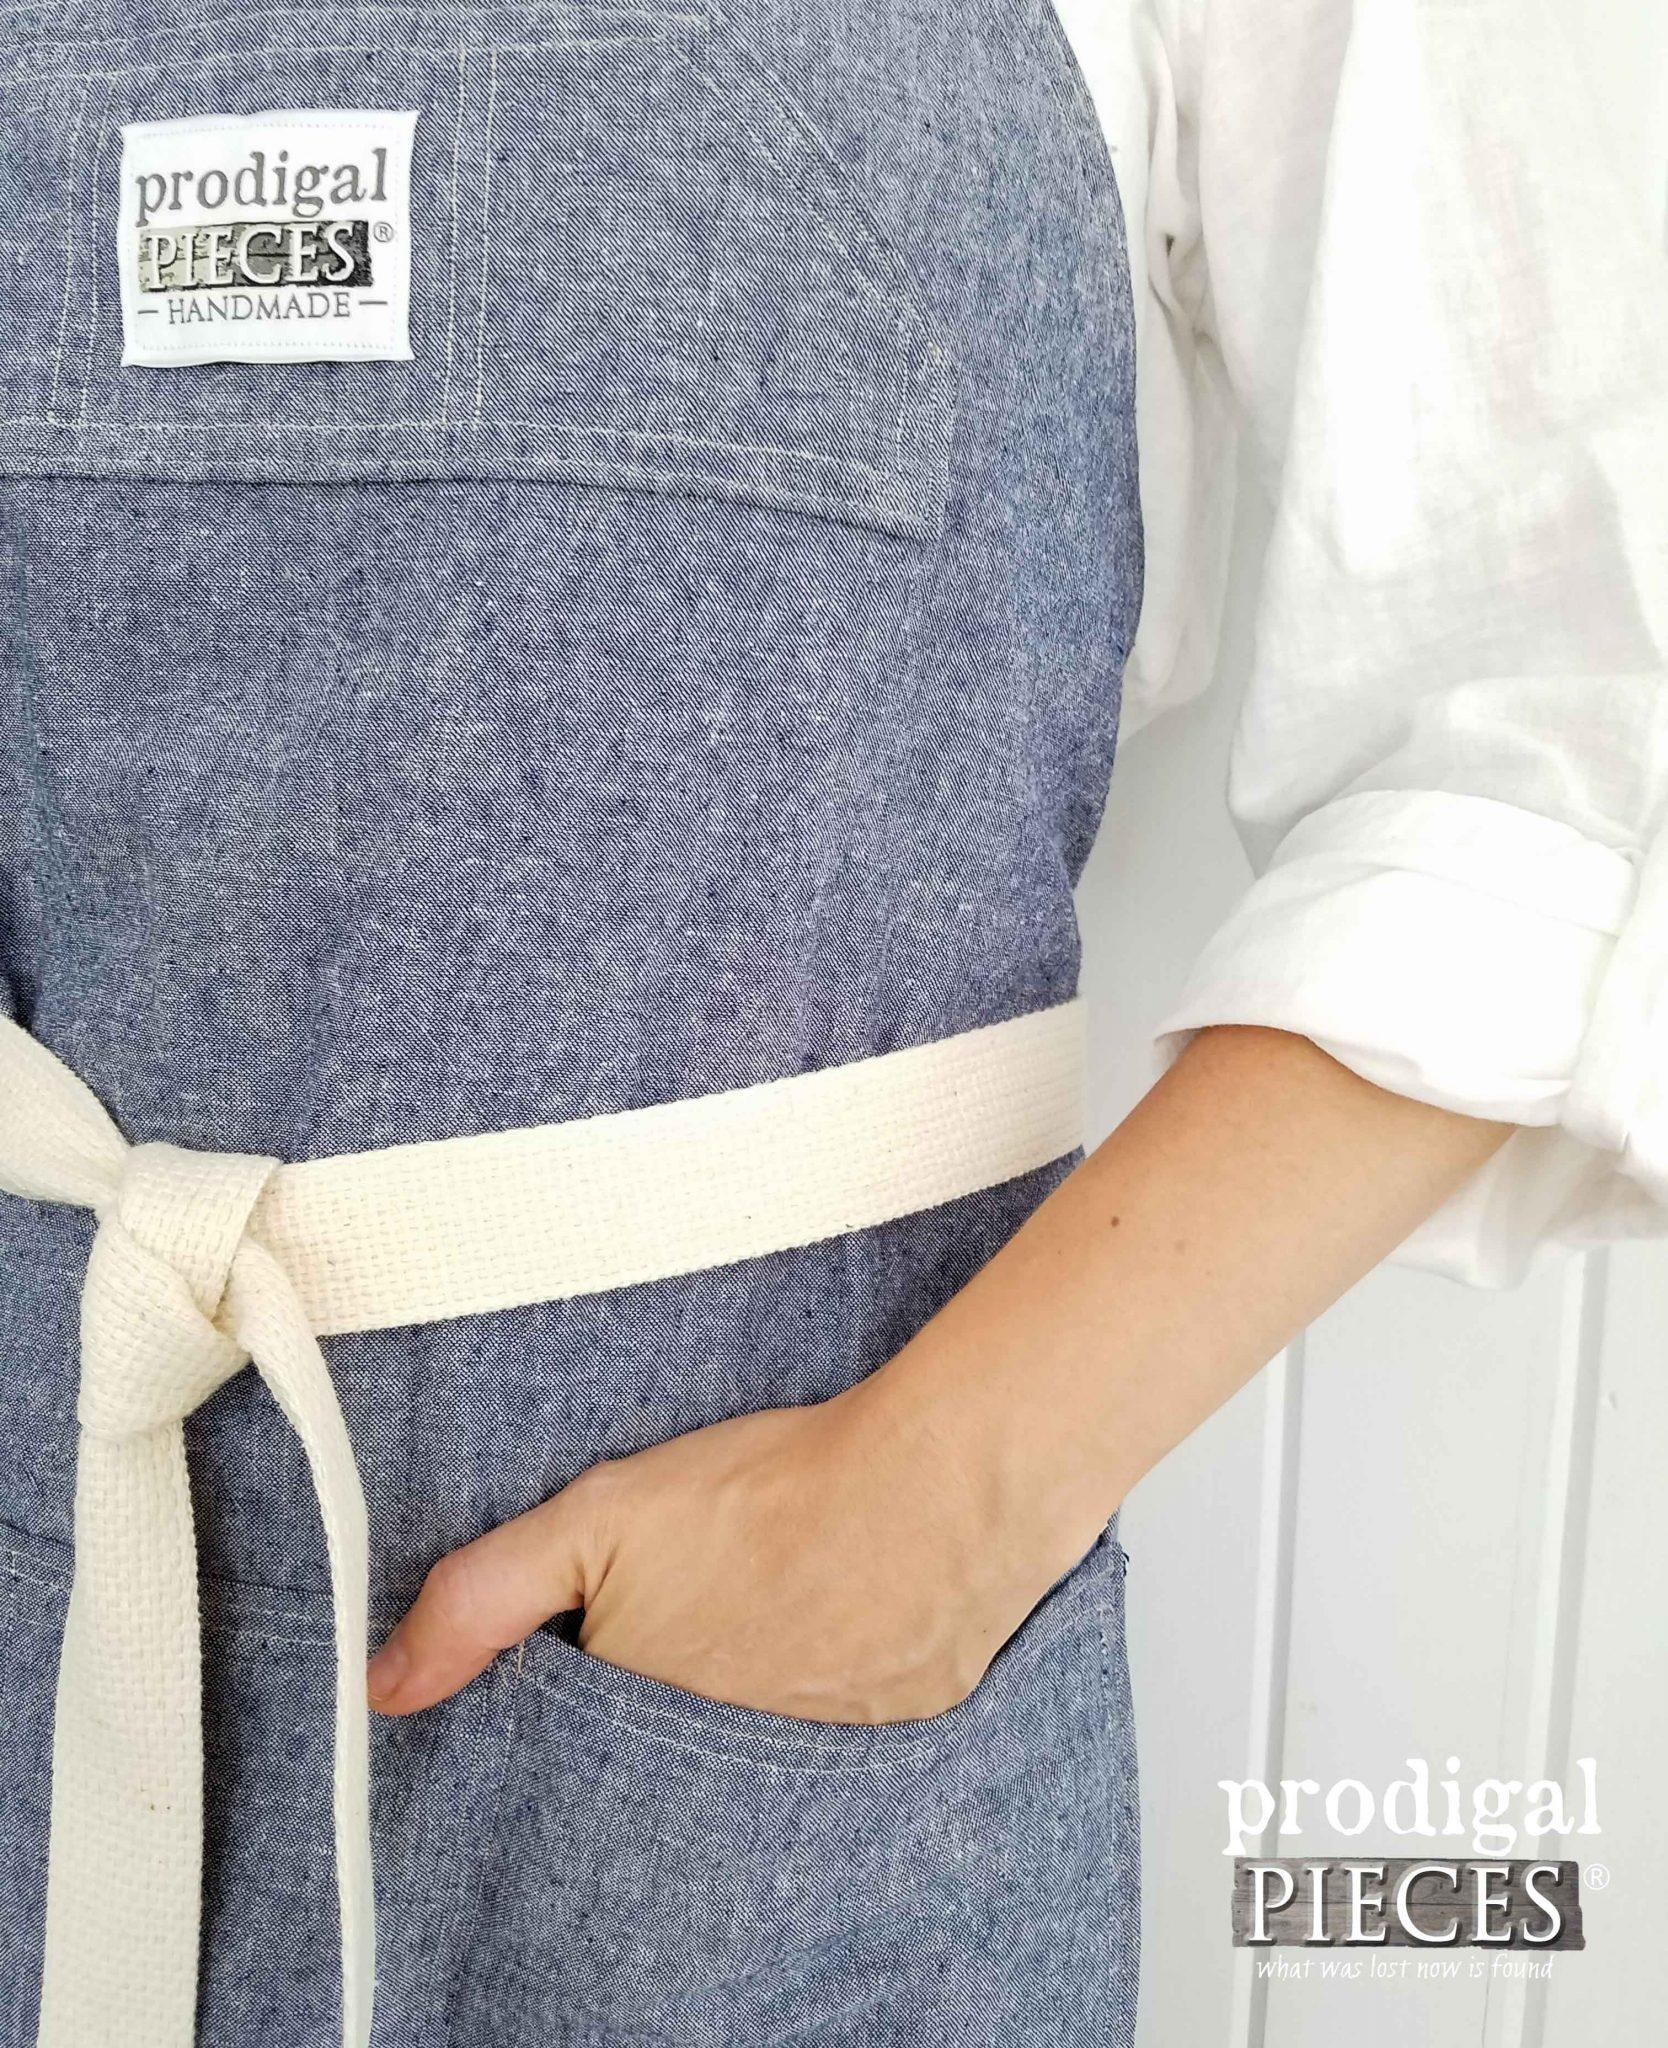 Linen Apron in Denim by Prodigal Pieces   prodigalpieces.com